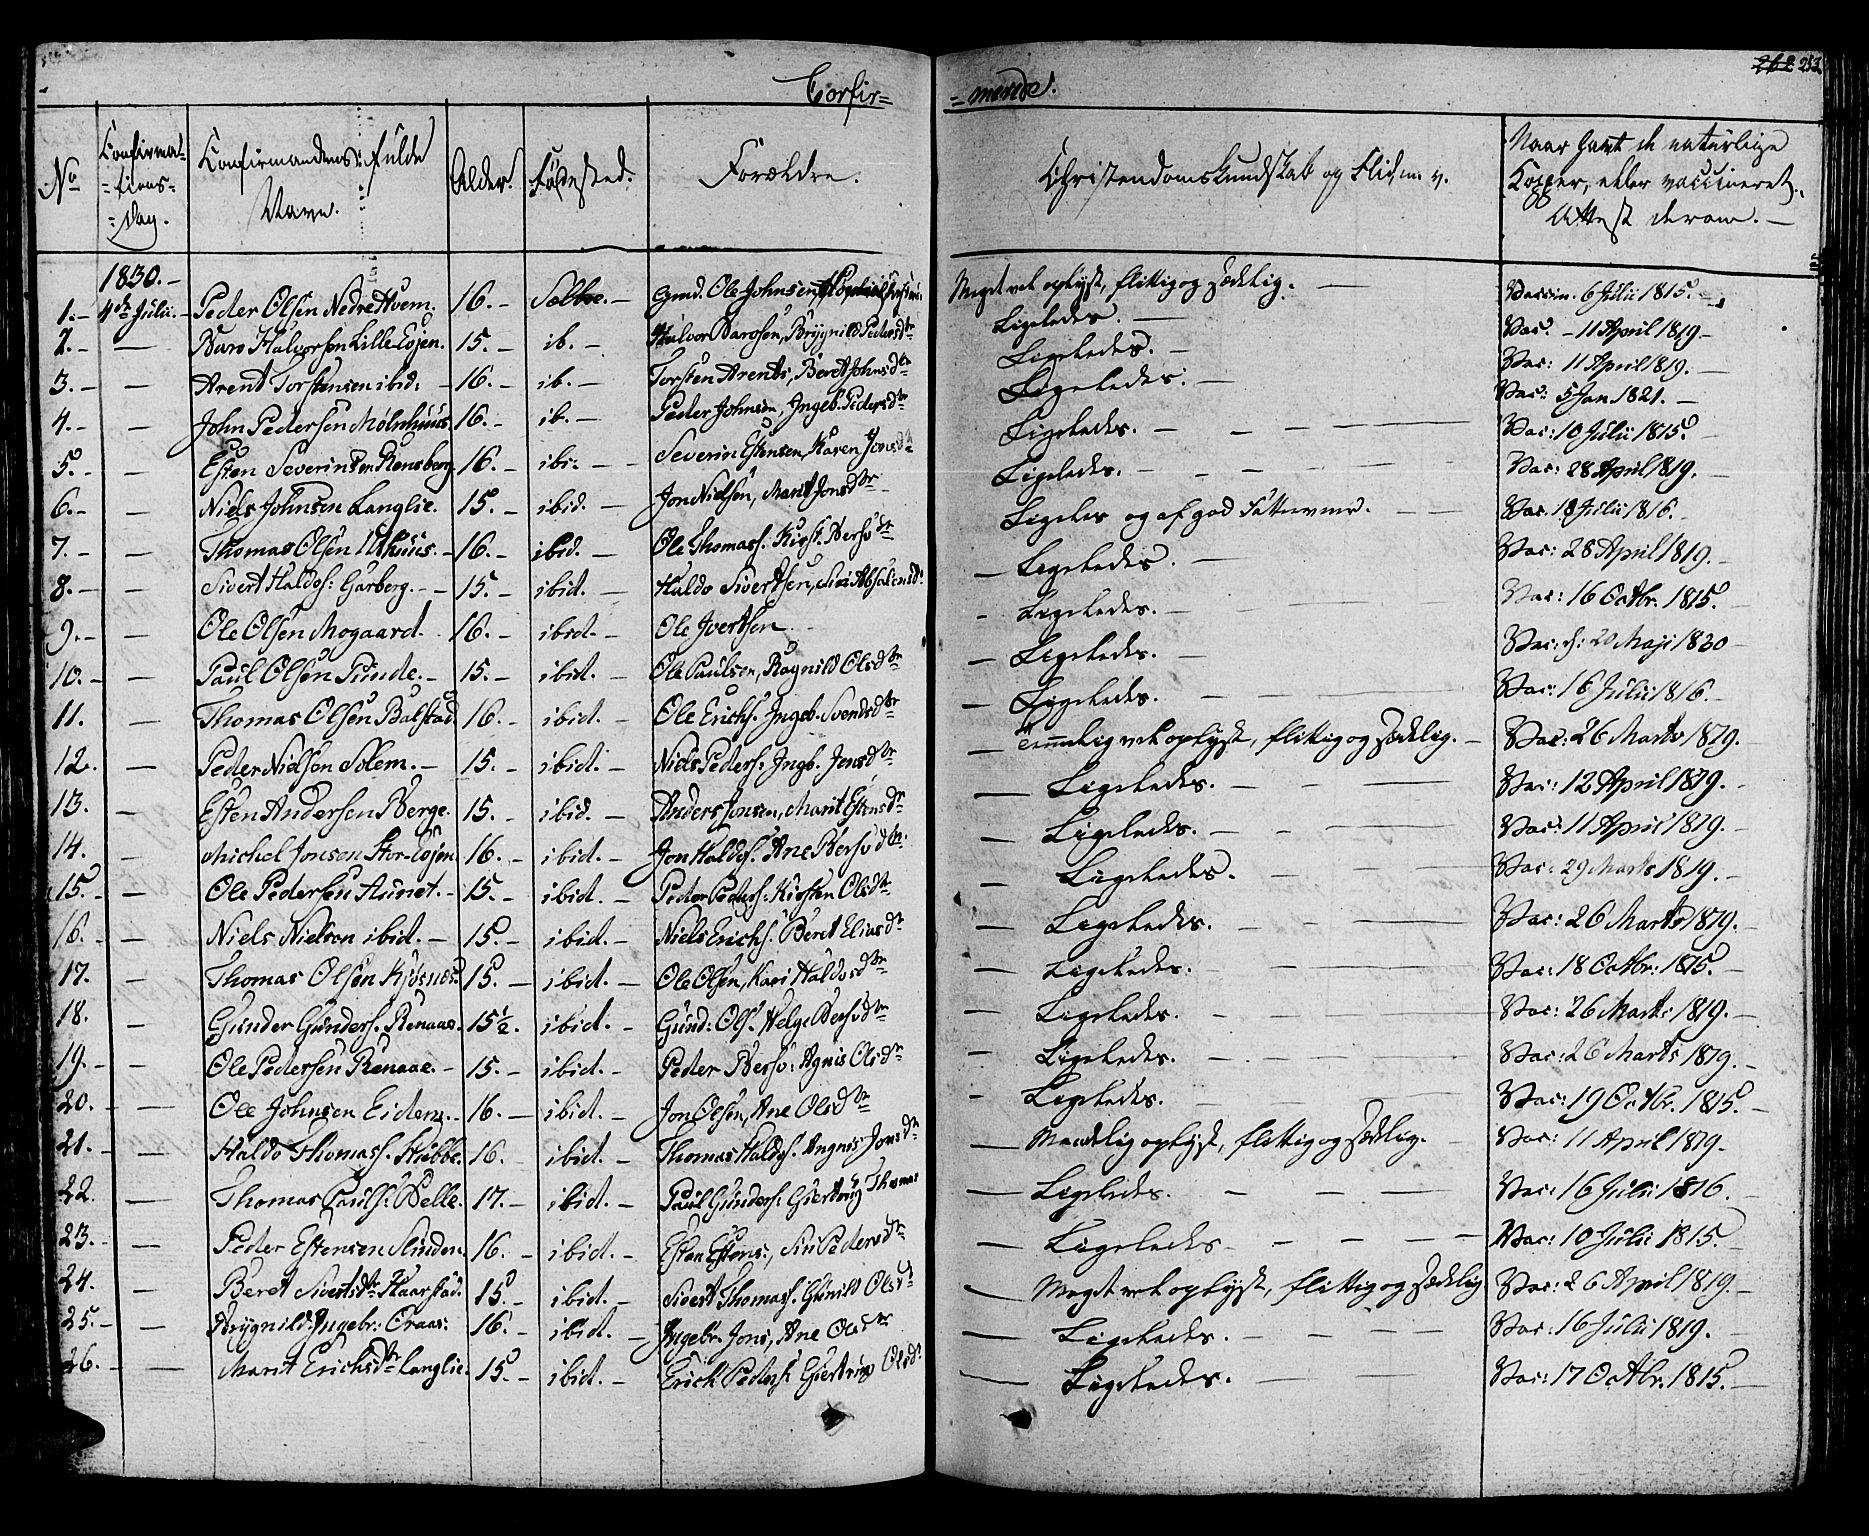 SAT, Ministerialprotokoller, klokkerbøker og fødselsregistre - Sør-Trøndelag, 695/L1143: Ministerialbok nr. 695A05 /1, 1824-1842, s. 253